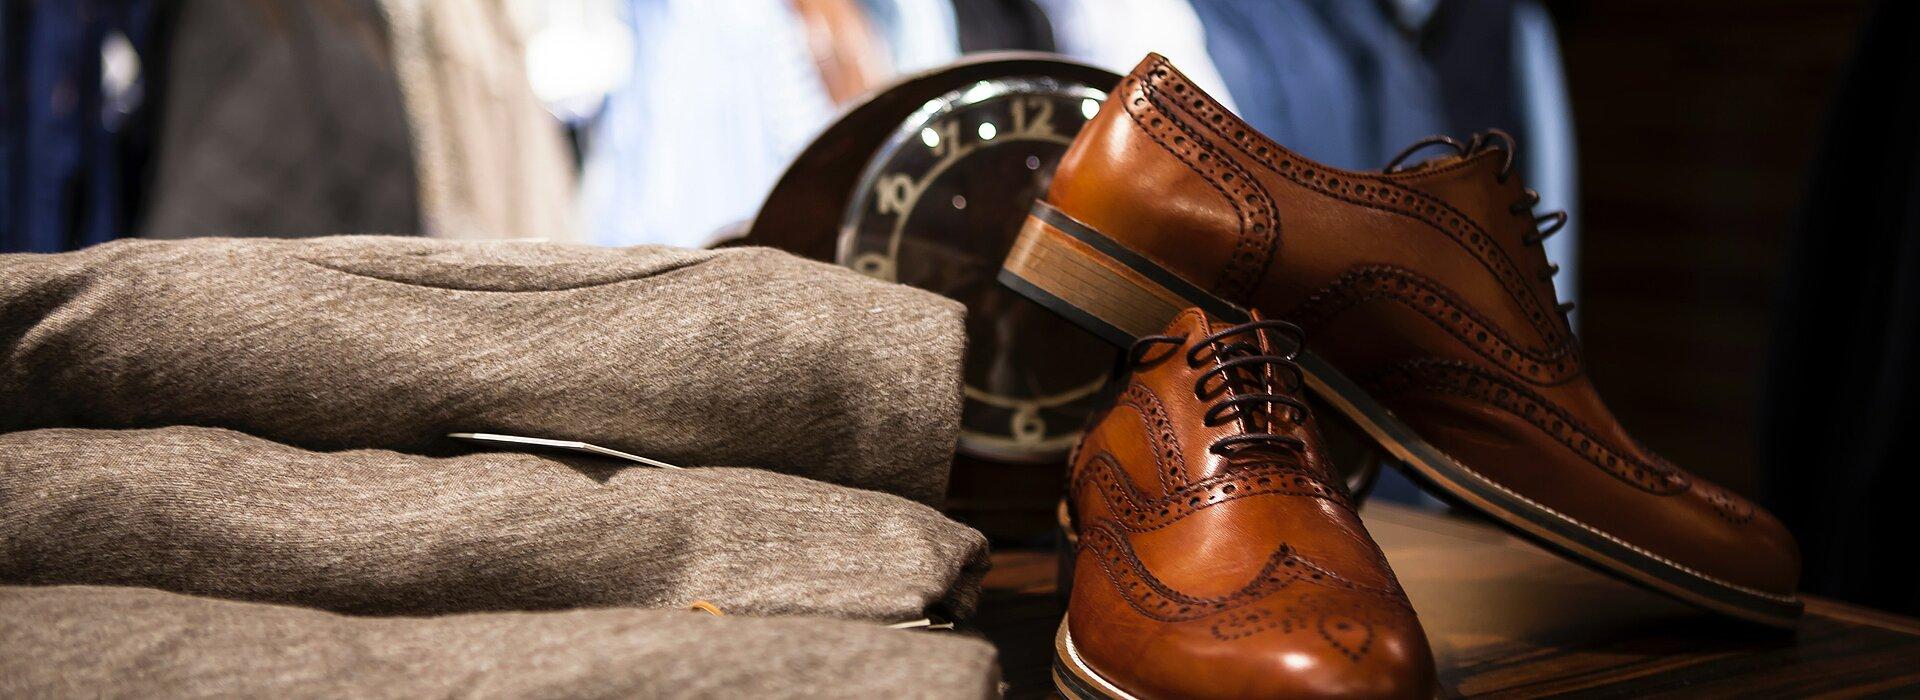 peças de roupas e par de sapatos sobremesa de madeira